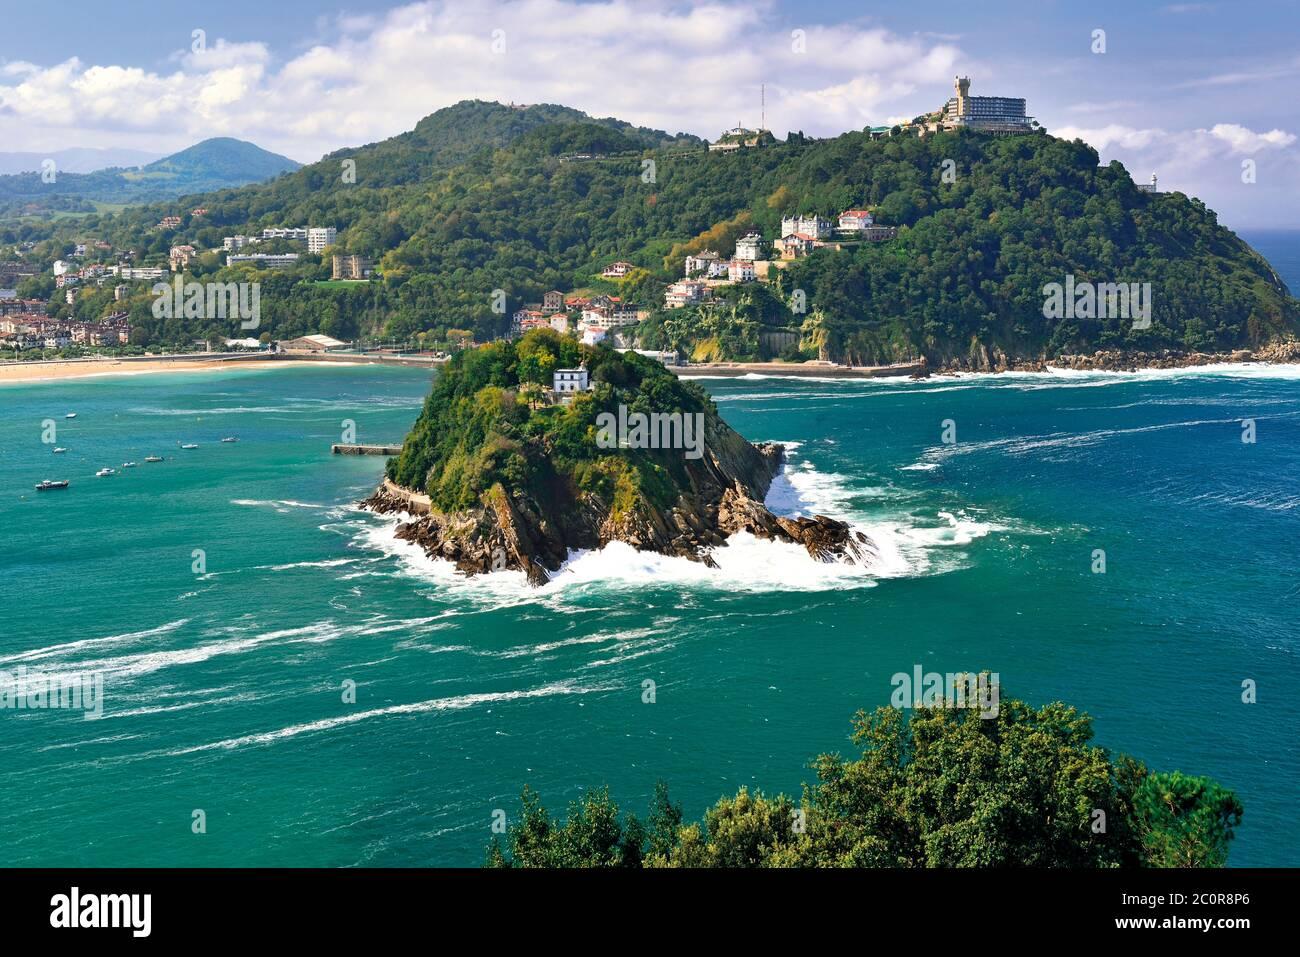 Vista a la pequeña isla verde en medio del océano verde y la colina con el edificio en la parte superior rodeado de playa de arena (San Sebastián) Foto de stock